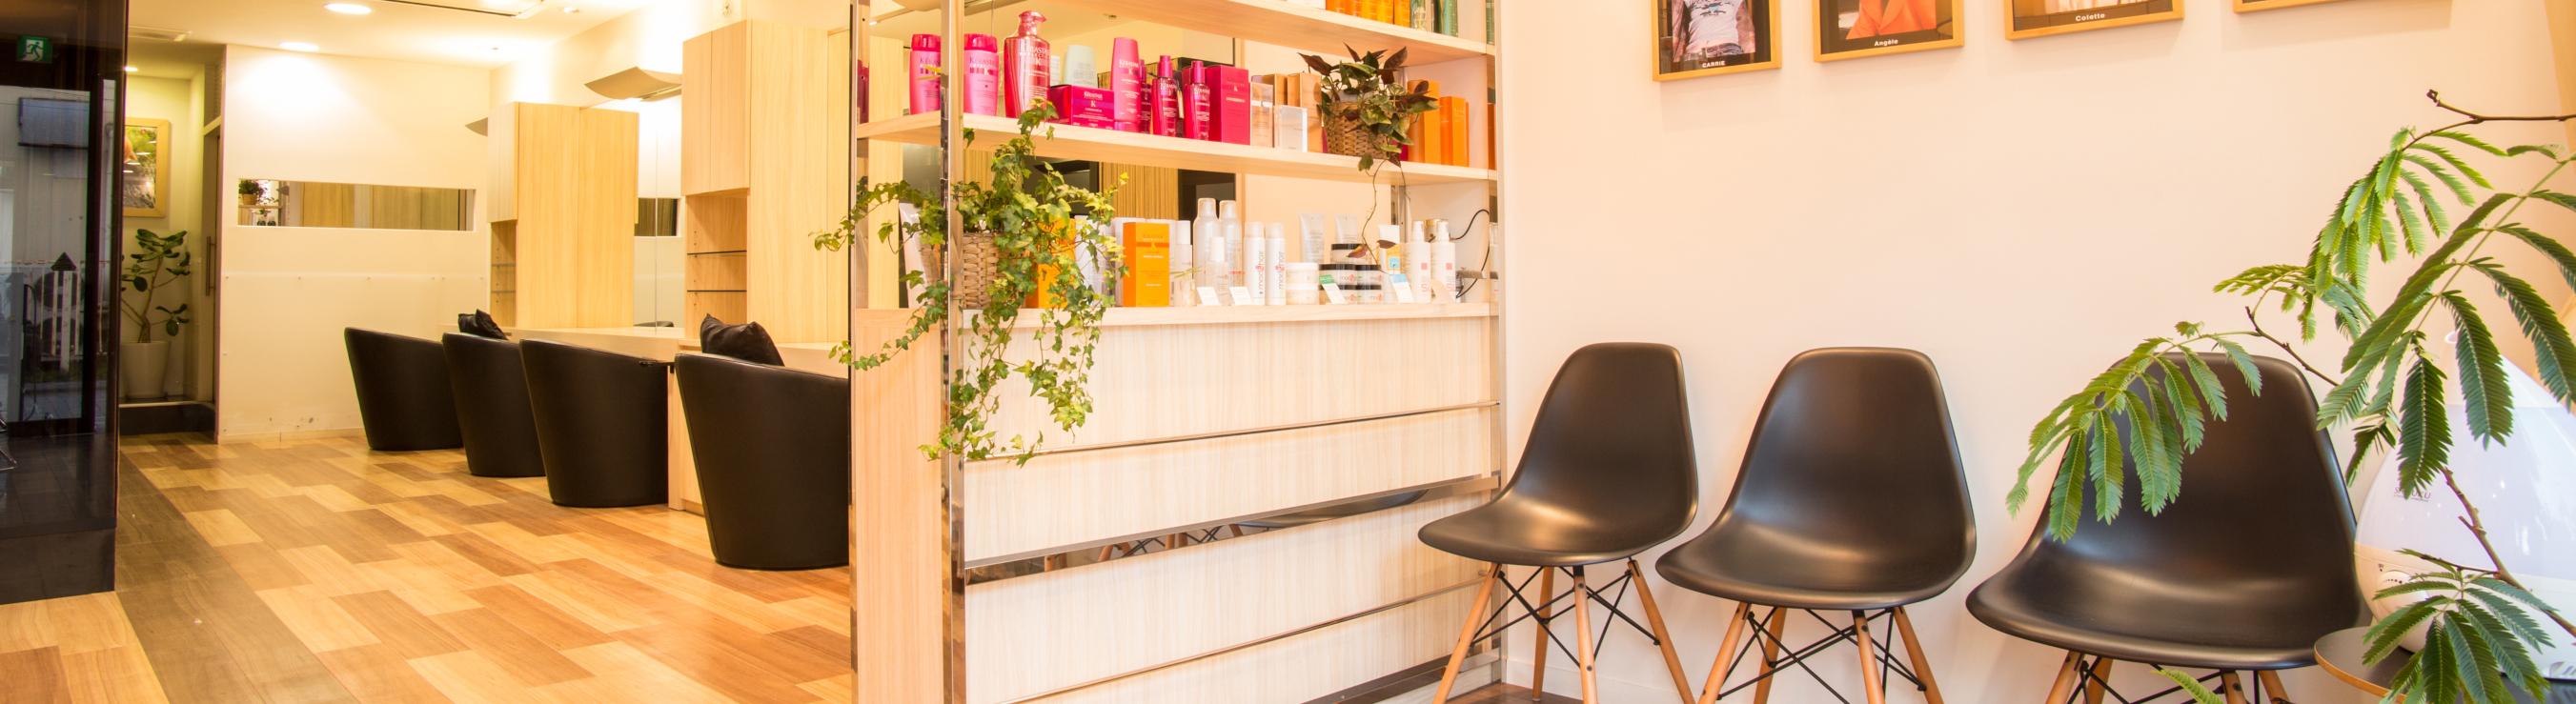 mod's hair越谷店